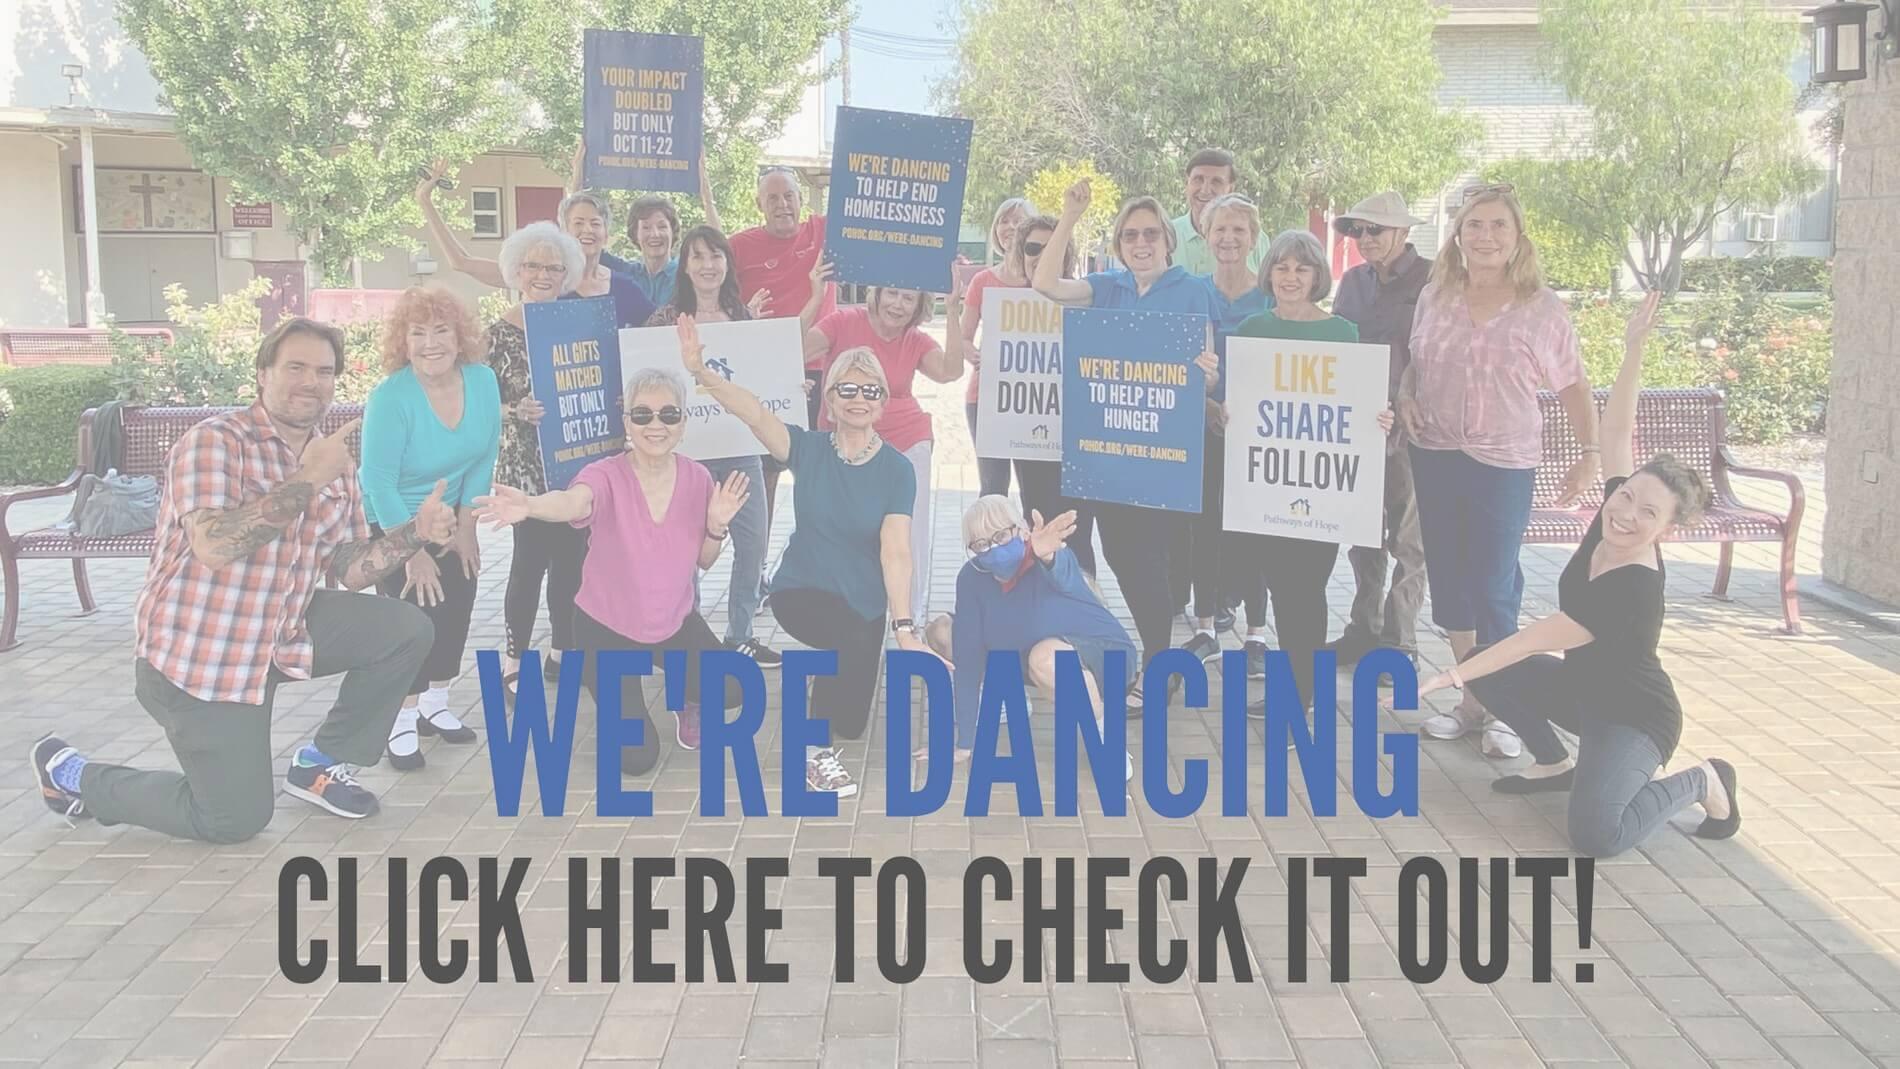 We're Dancing